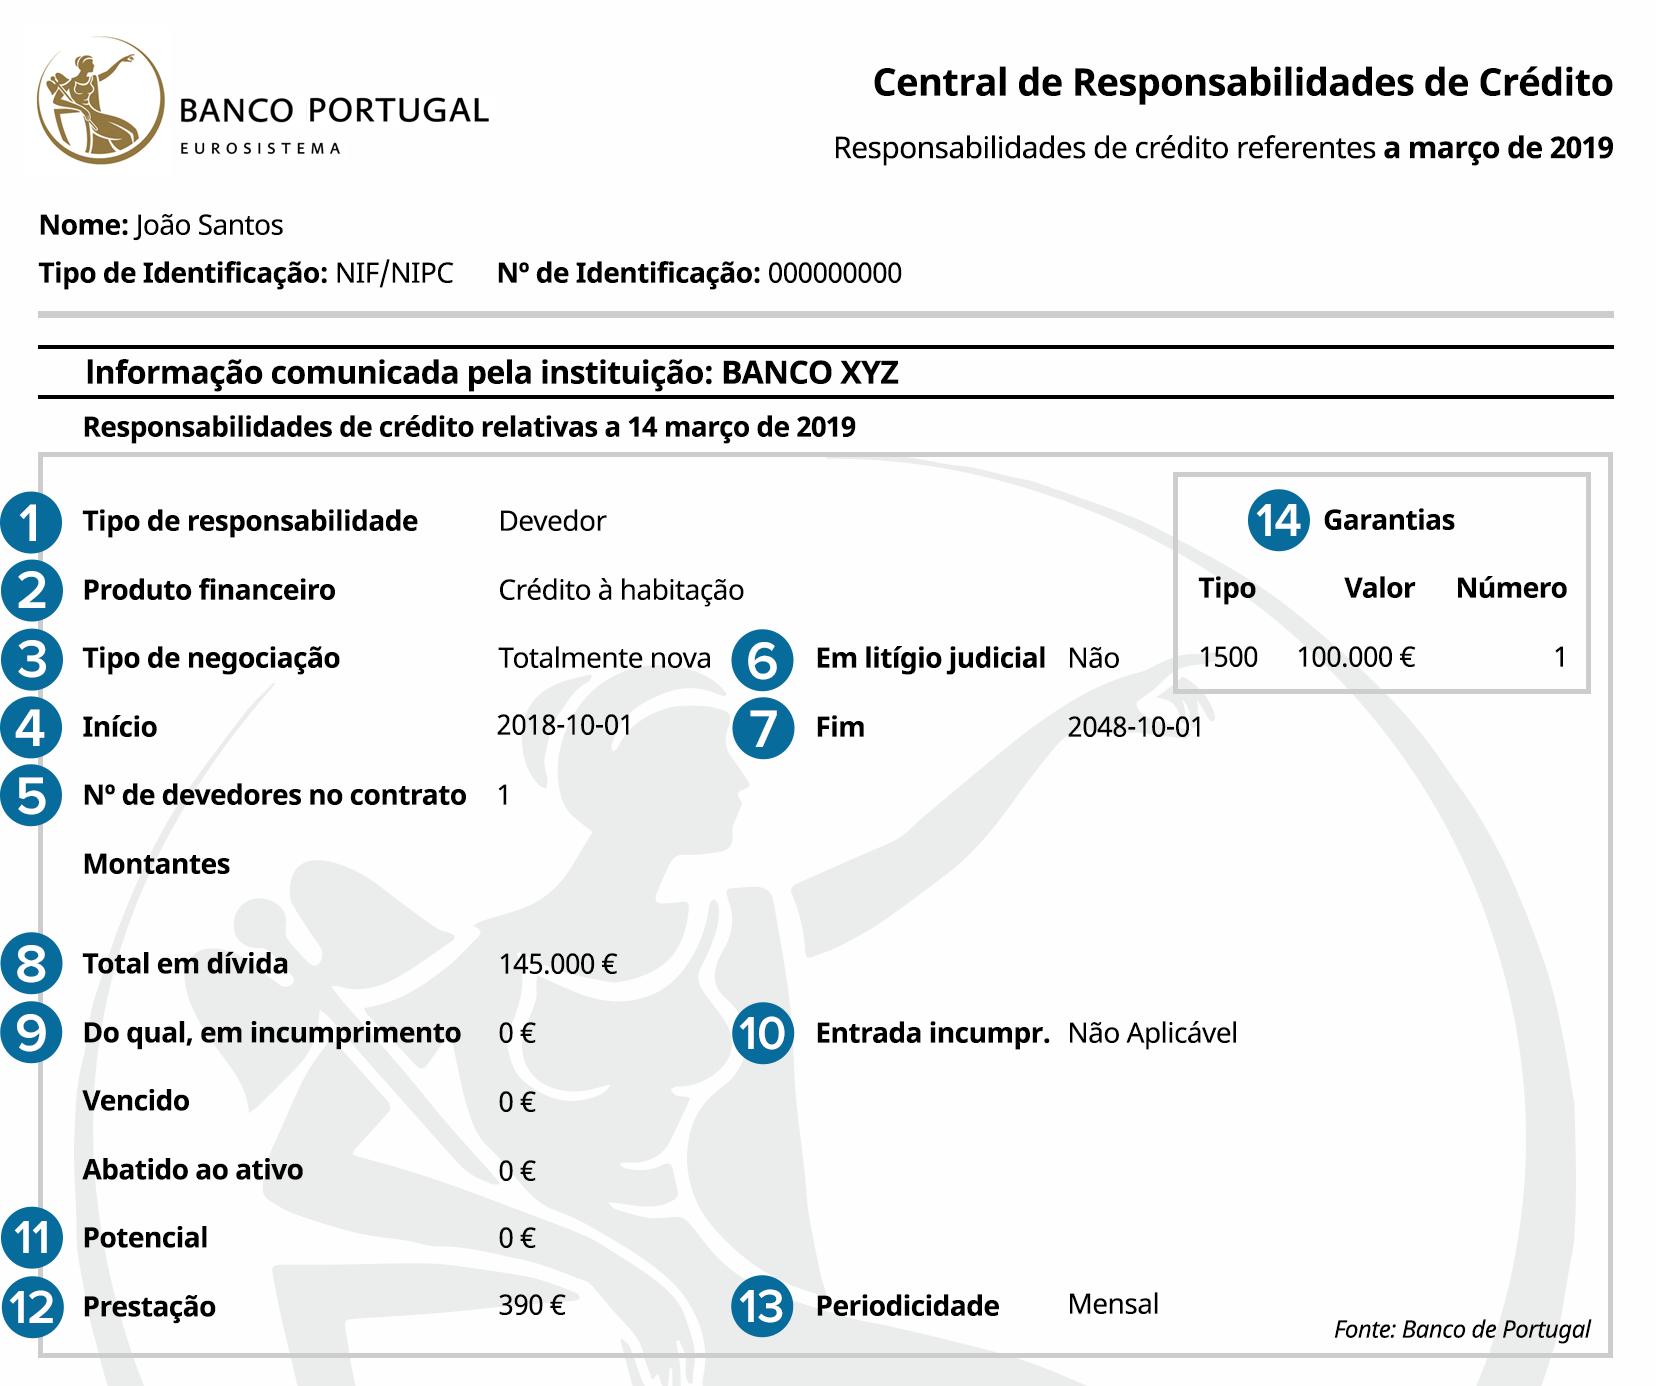 Mapa-de-Responsabilidades-de-Crédito